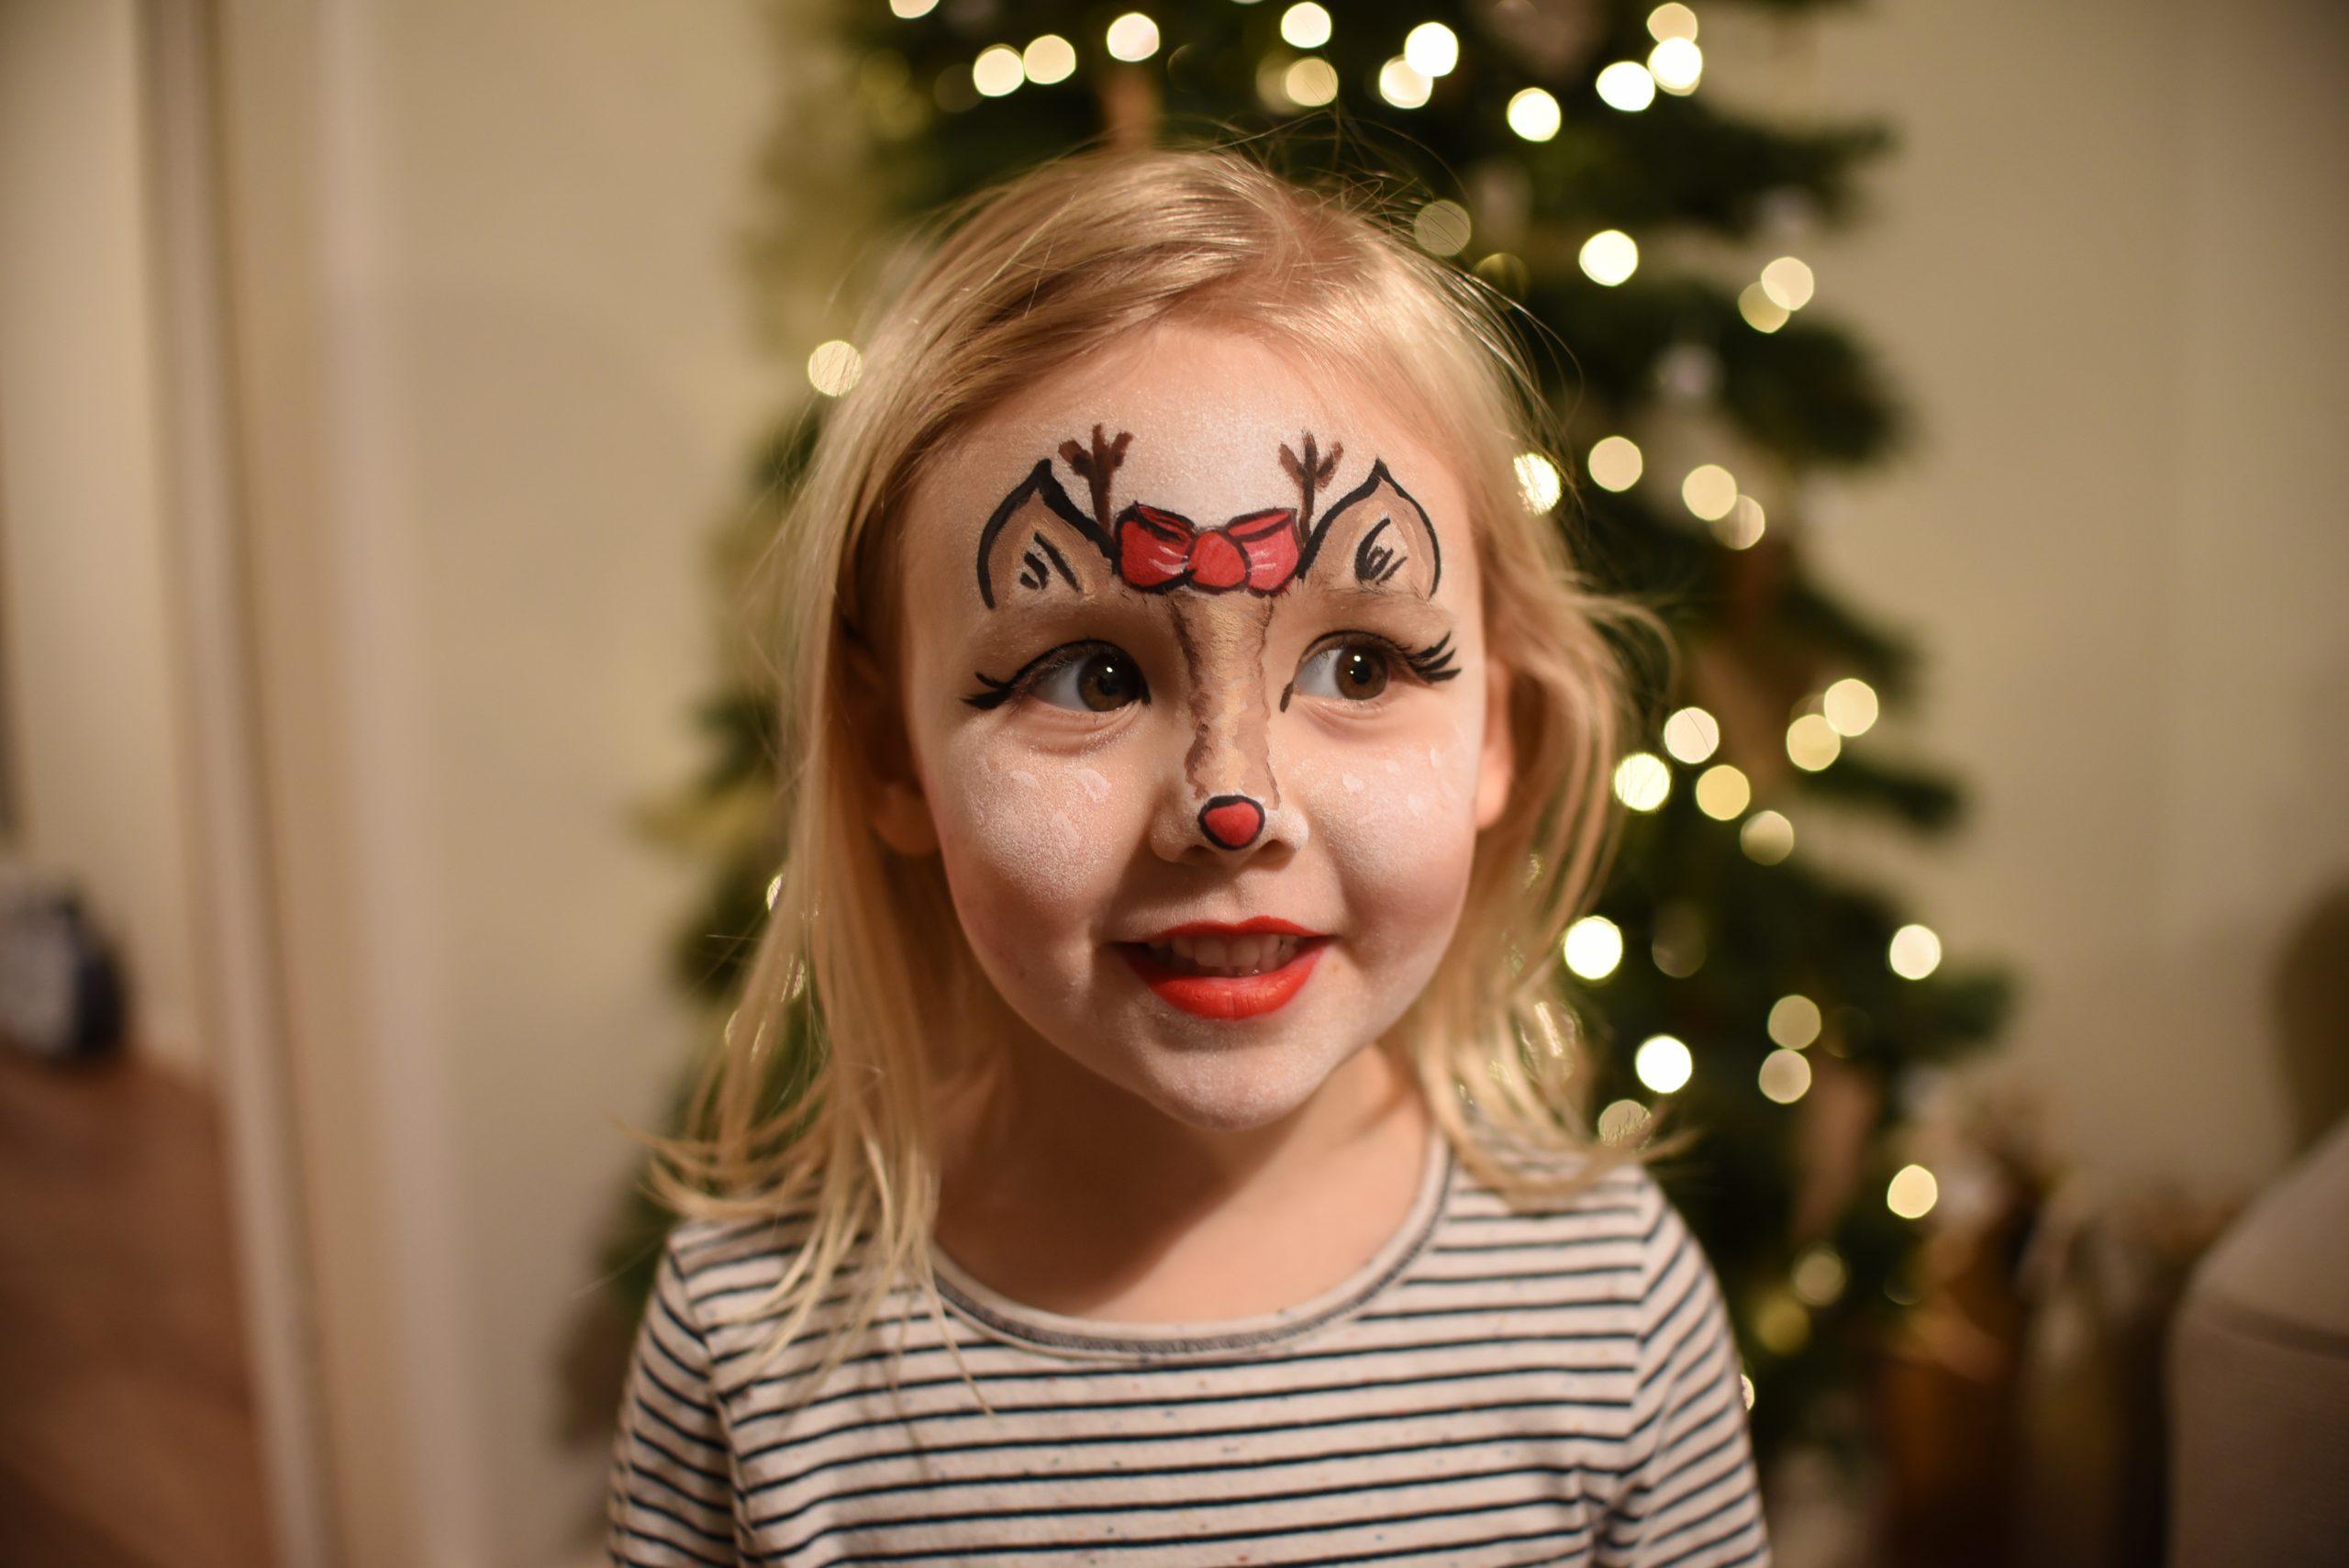 Christmas face paints